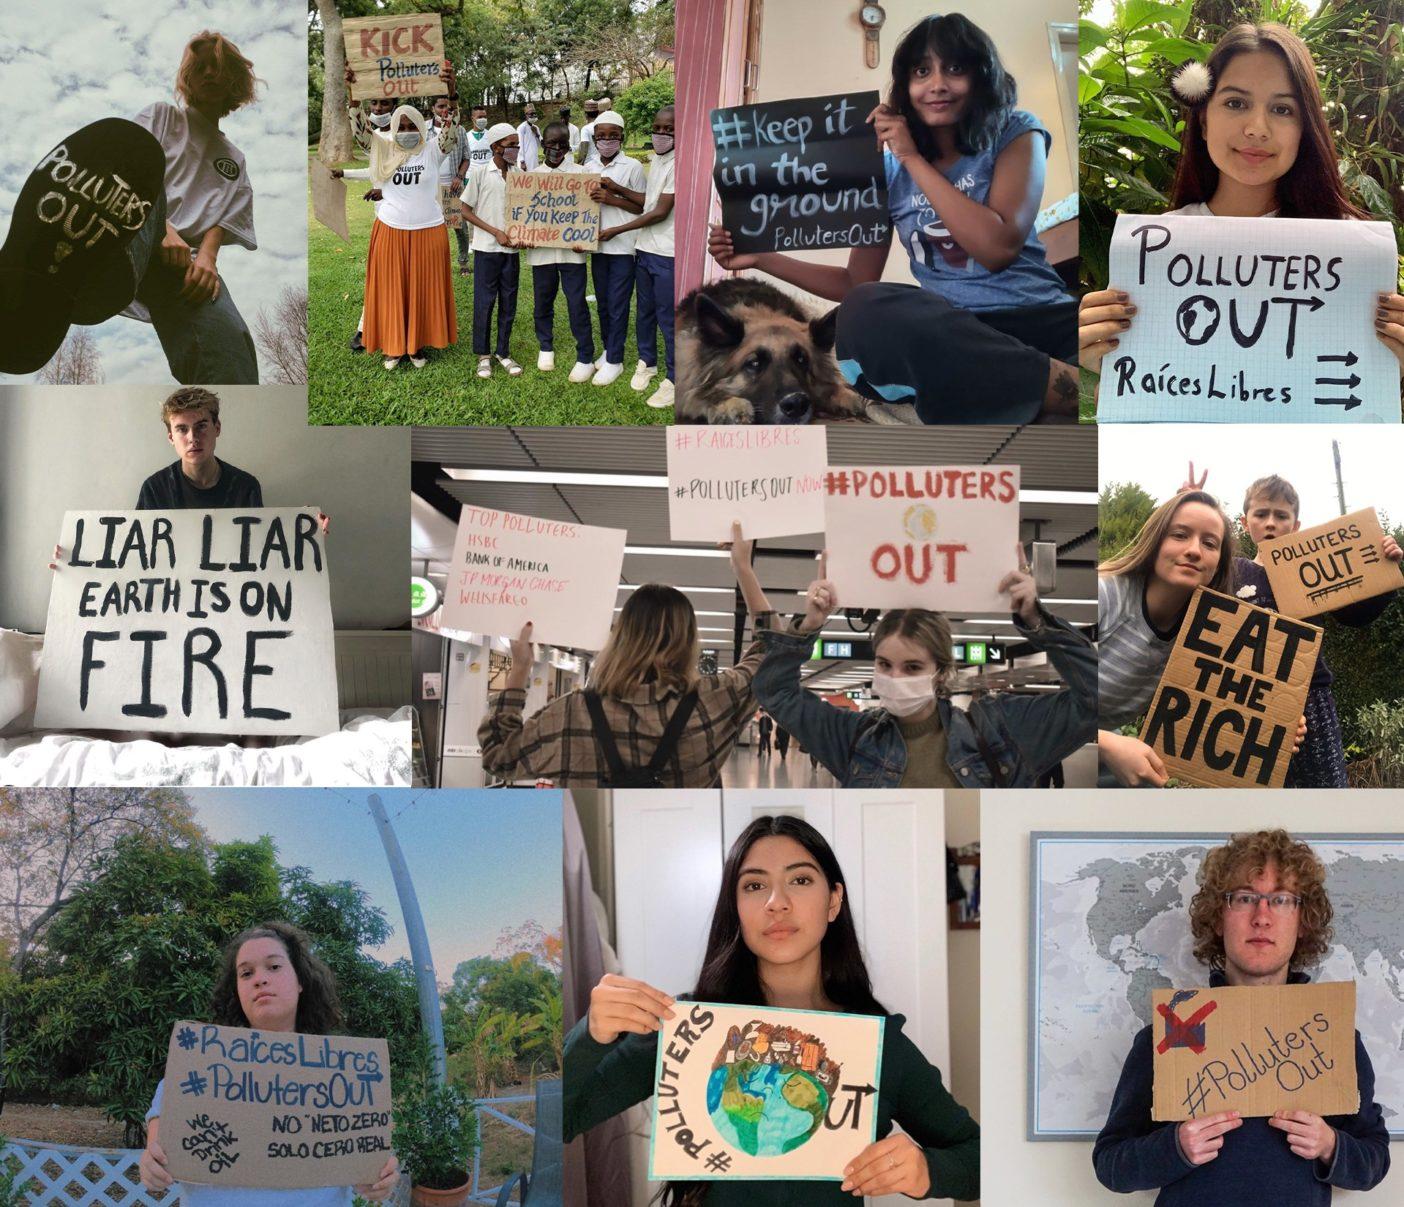 自宅からの組織化   街頭に出る選択肢がないなか、抗議者たちはデジタル・ツールを利用して気候行動を呼びかけている。これらの若い活動家はツイッターとインスタグラムにメッセージを掲載することで、〈ポルーターズ・アウト〉のデジタル・ストライキに参加した。Photo:Polluters Out提供